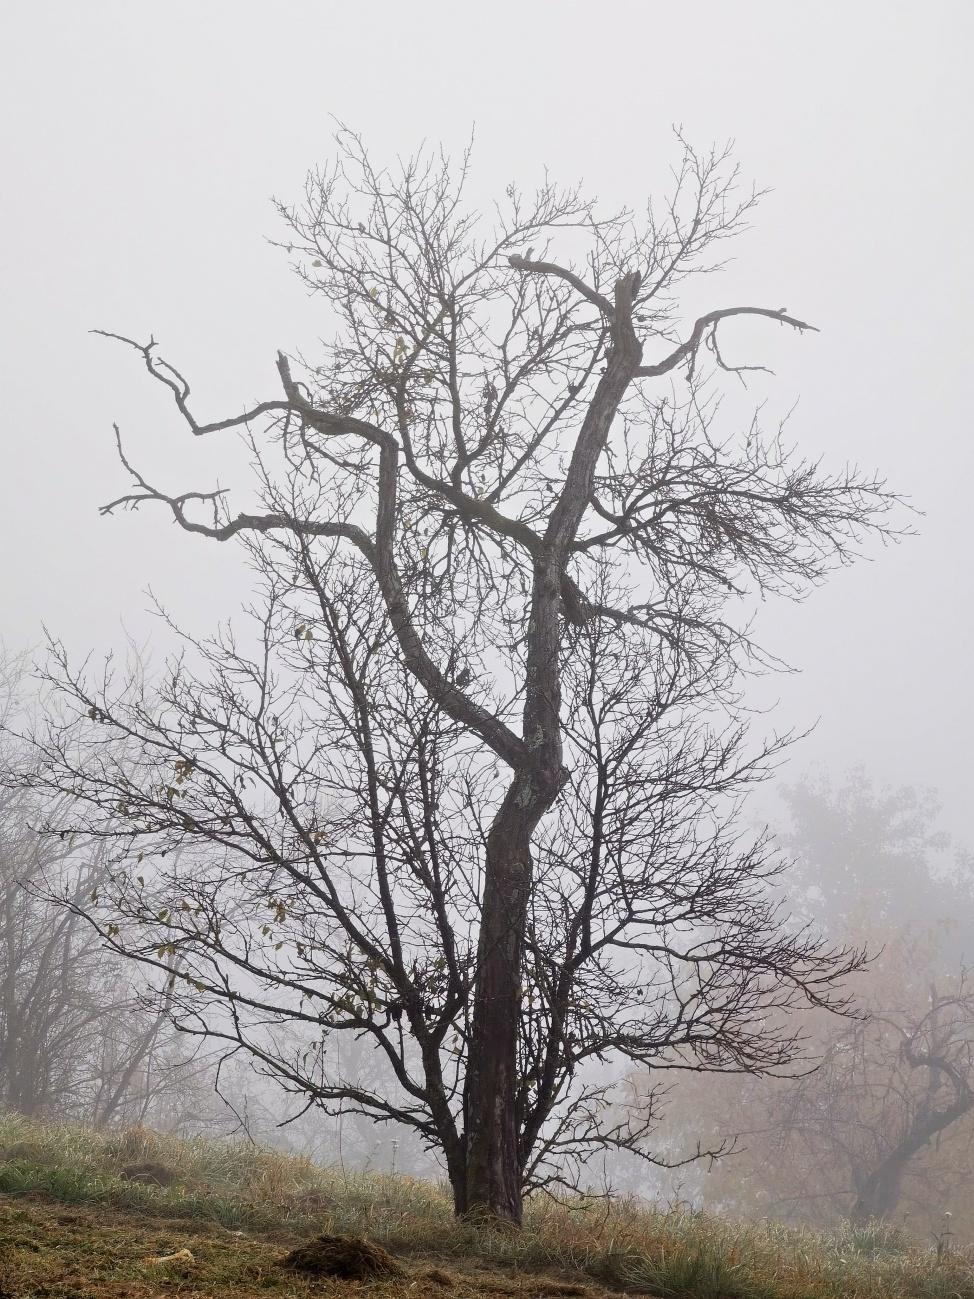 Bild des Tages #152 — Durch den dicken Nebel war kein Wetter zu erkennen nicht gewesen